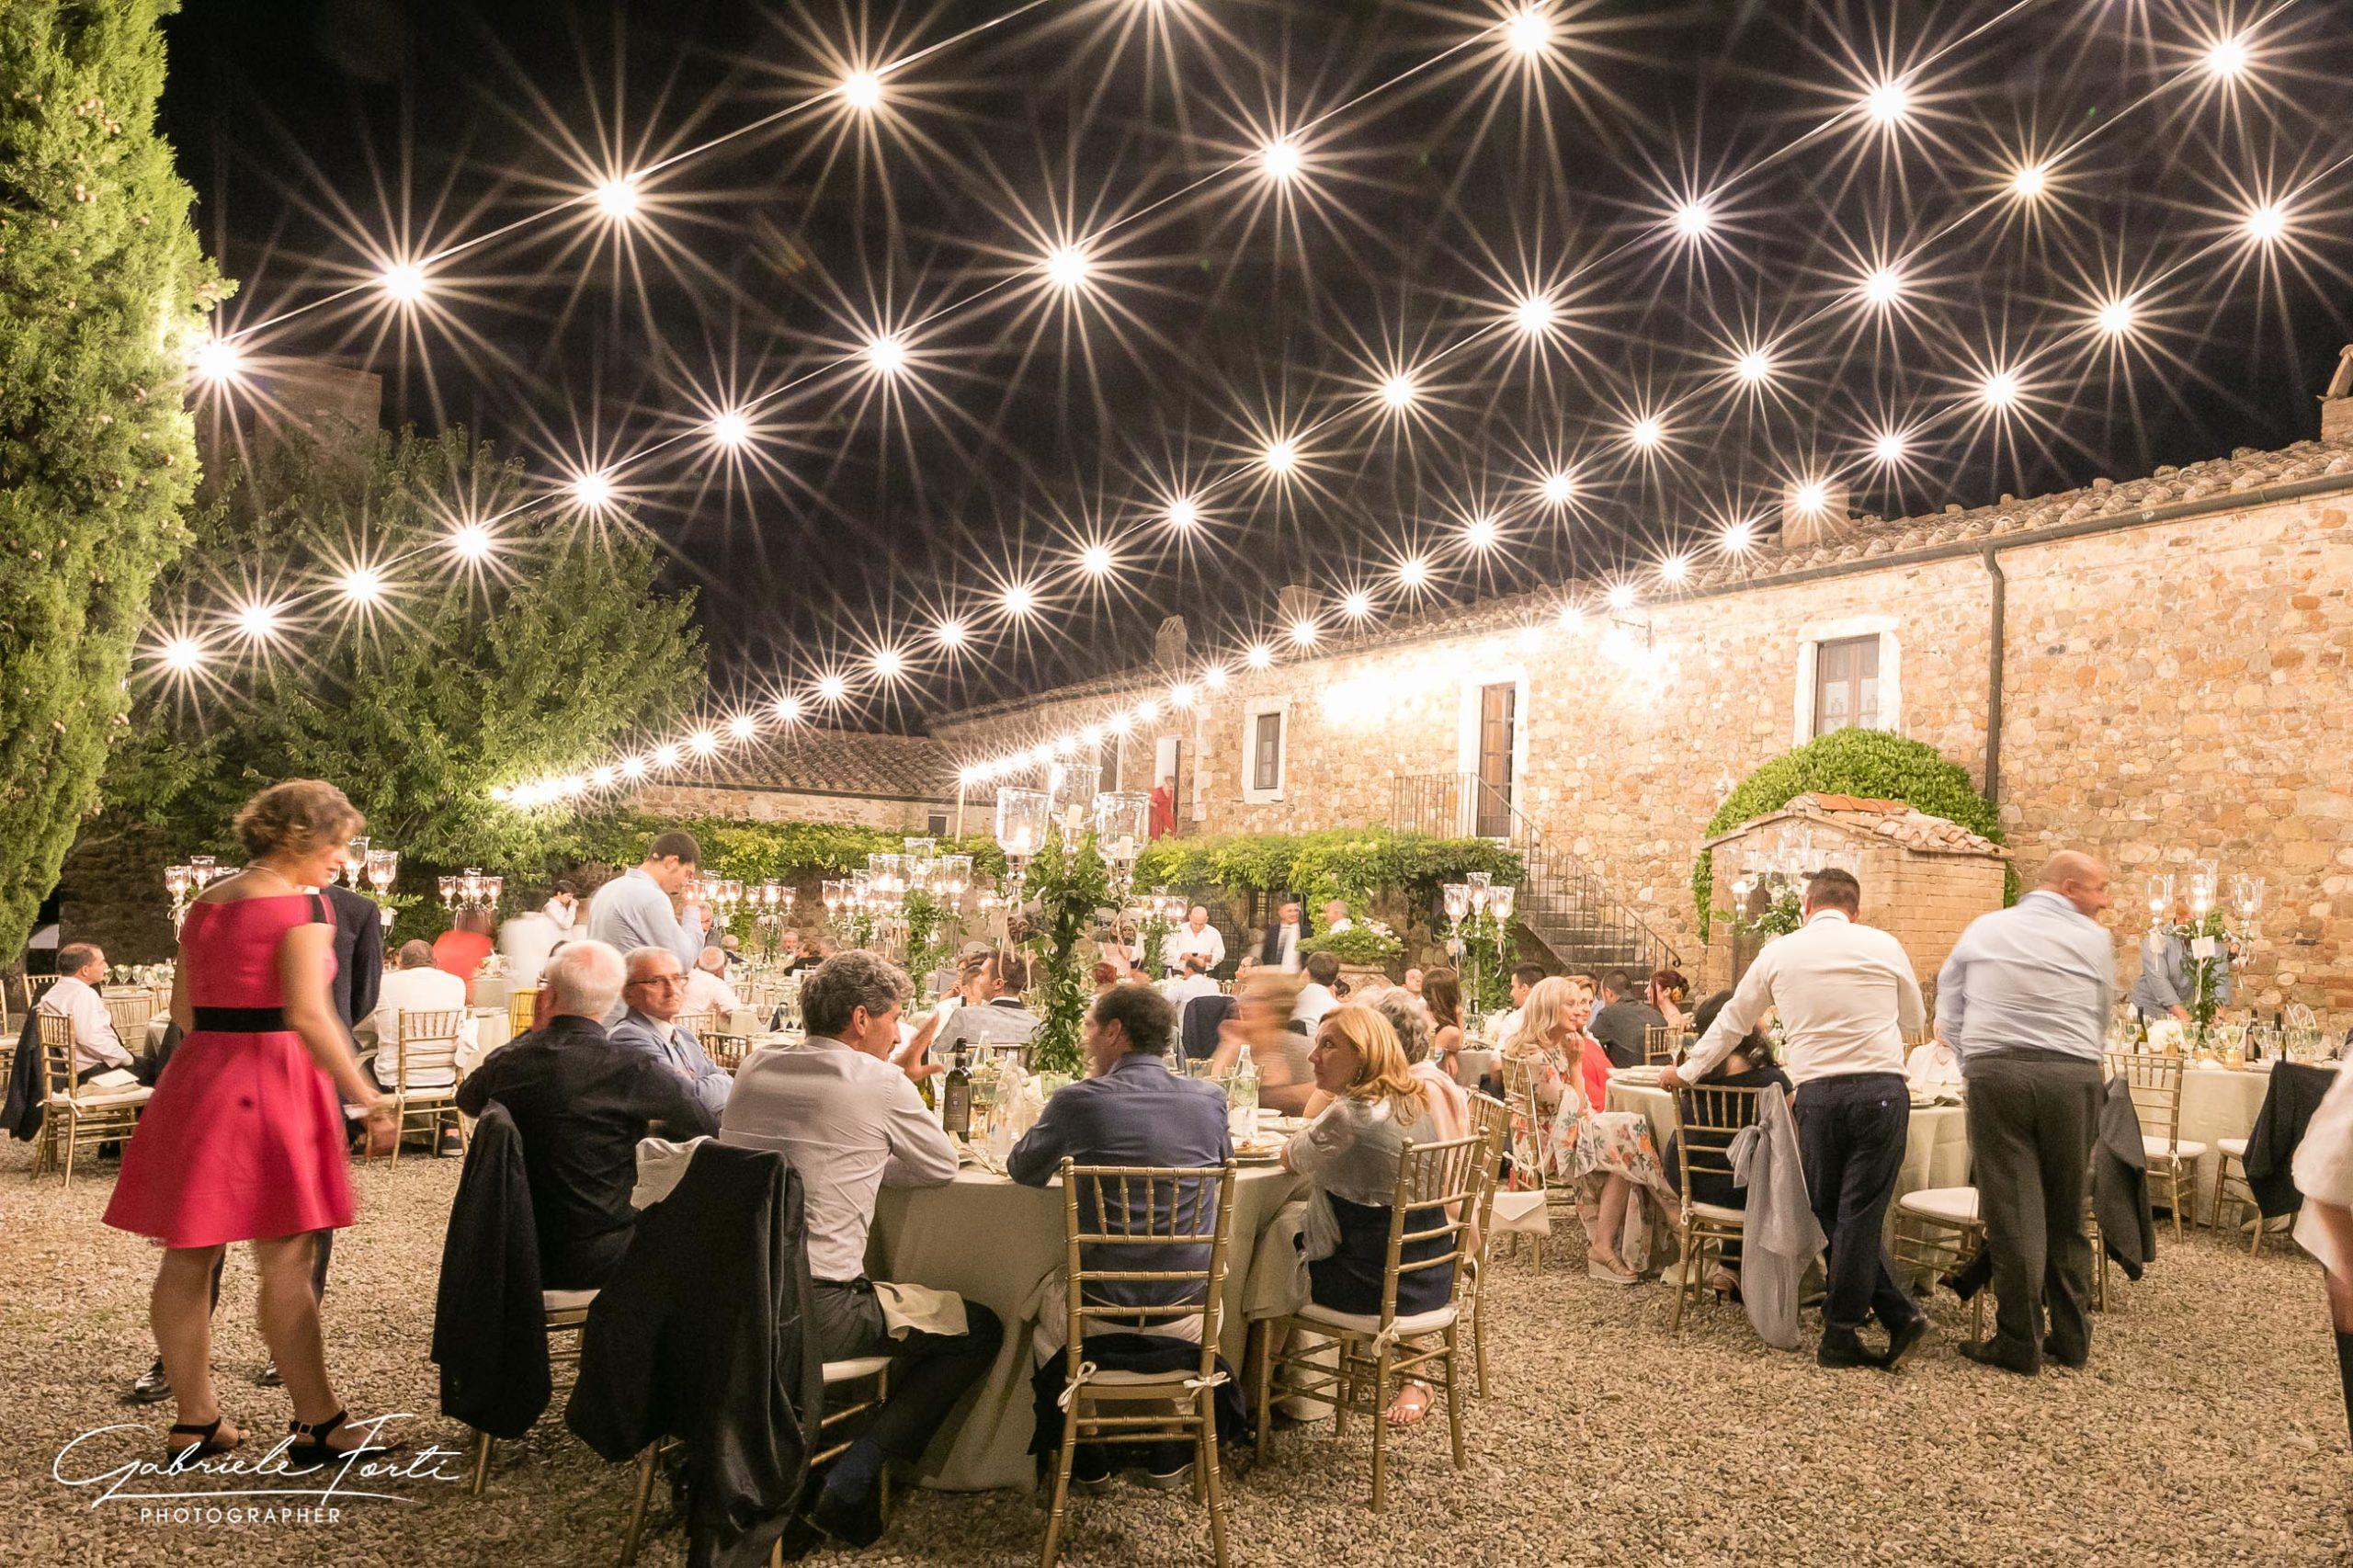 wedding-day-la-rimbecca-siena-pienza-tuscany-foto-forti-gabriele-8